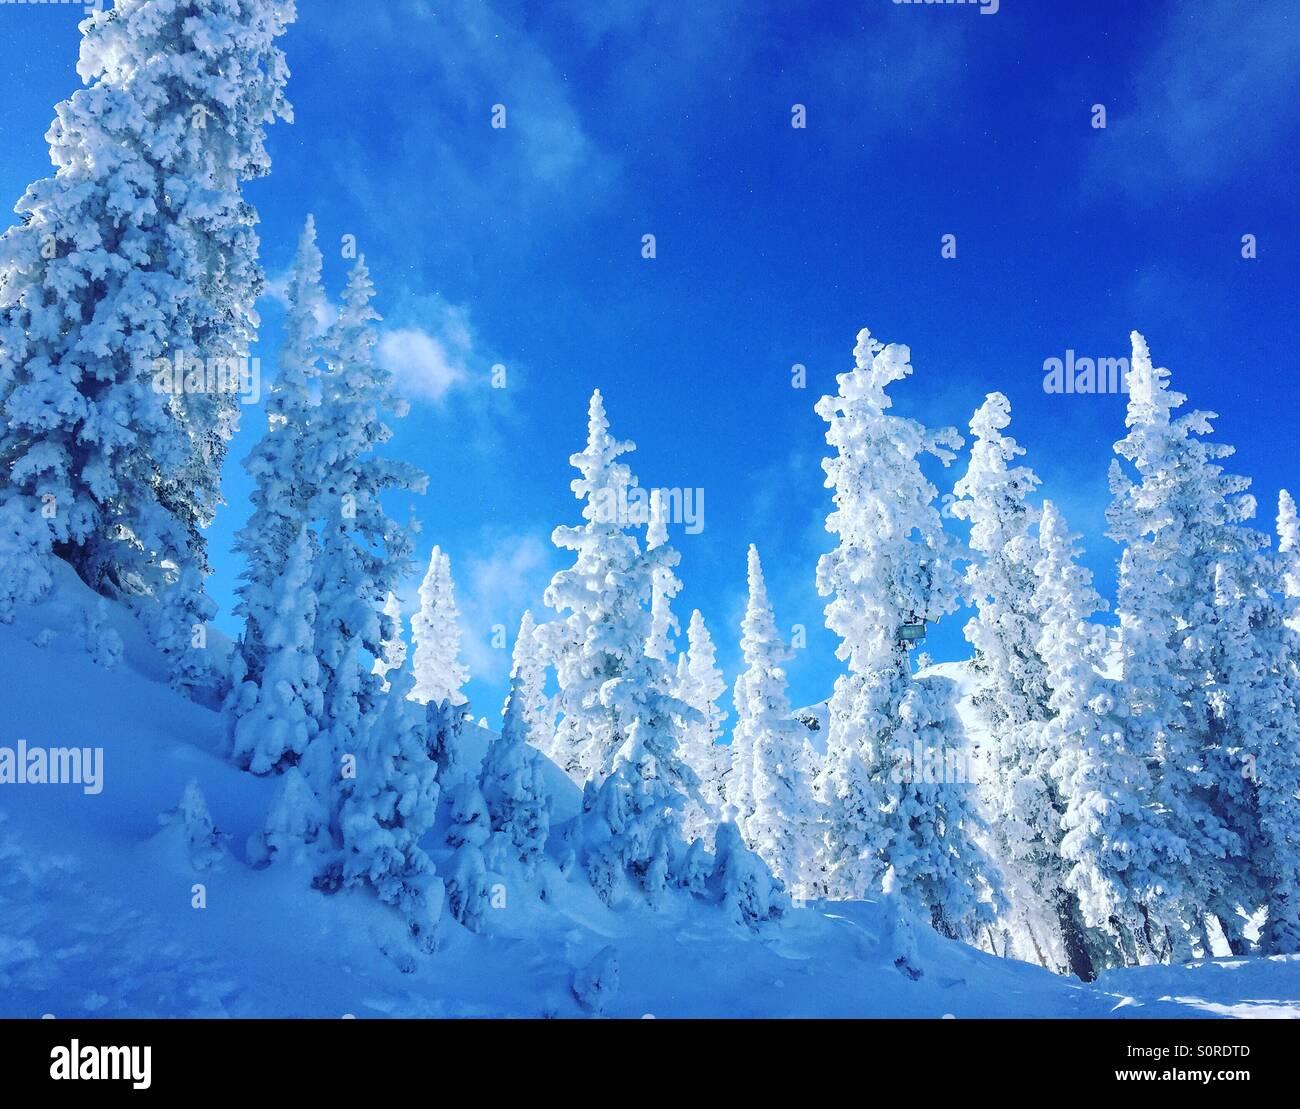 Verschneite Bäume vor blauem Himmel. Stockbild